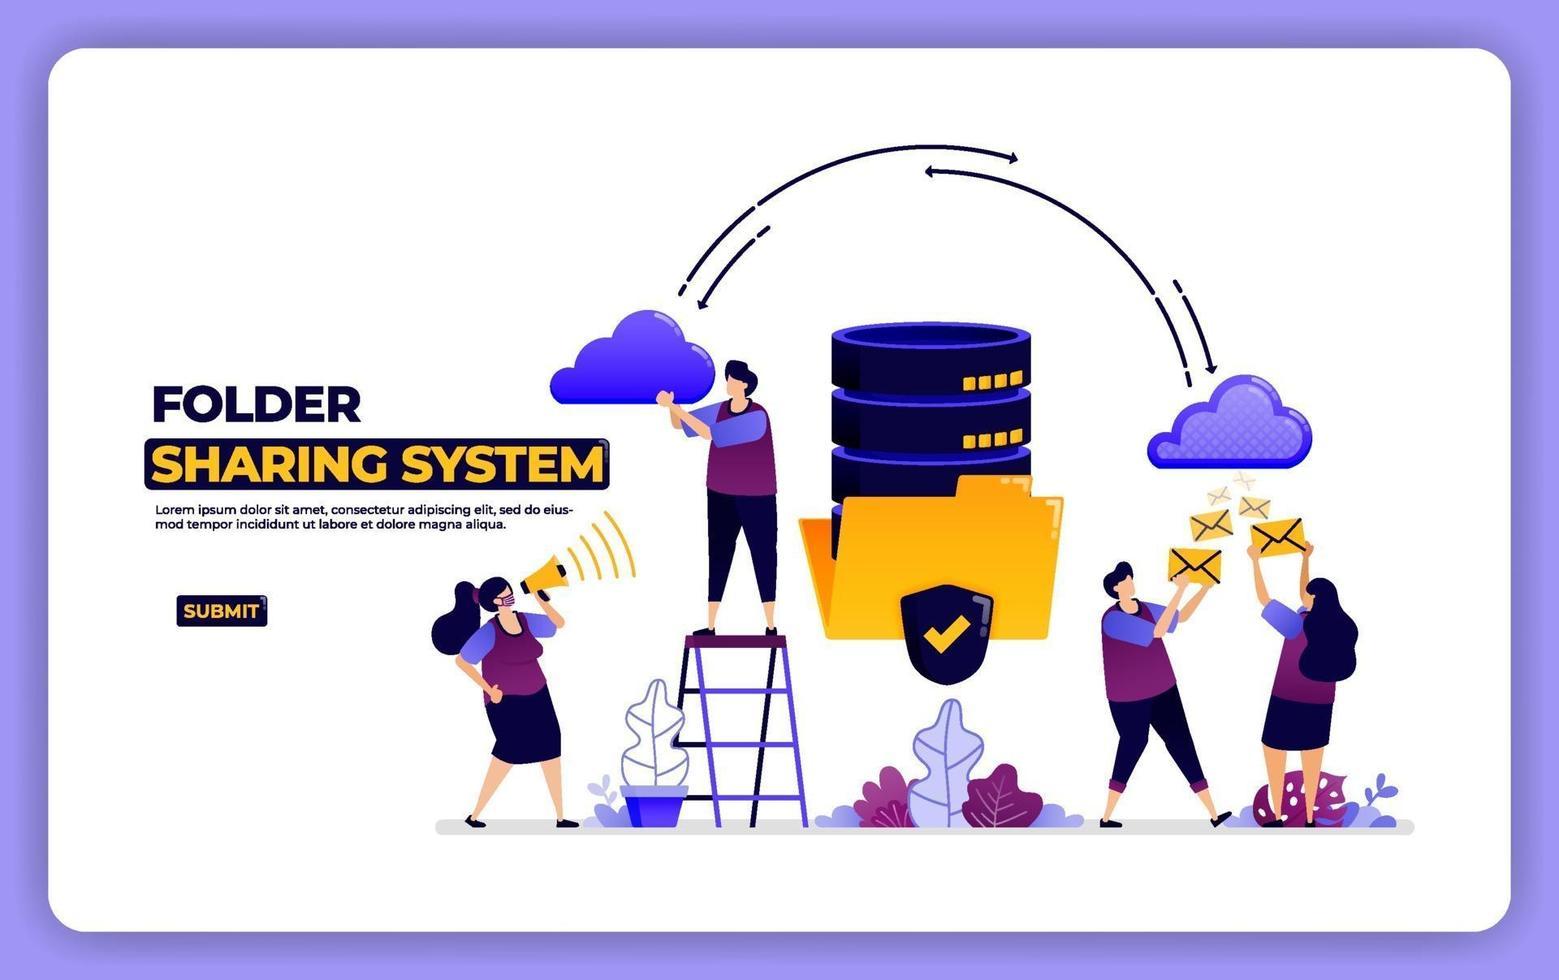 website design of folder sharing system. database system data sharing management. designed for landing page, banner, website, web, poster, mobile apps, homepage, social media, flyer, brochure, ui ux vector